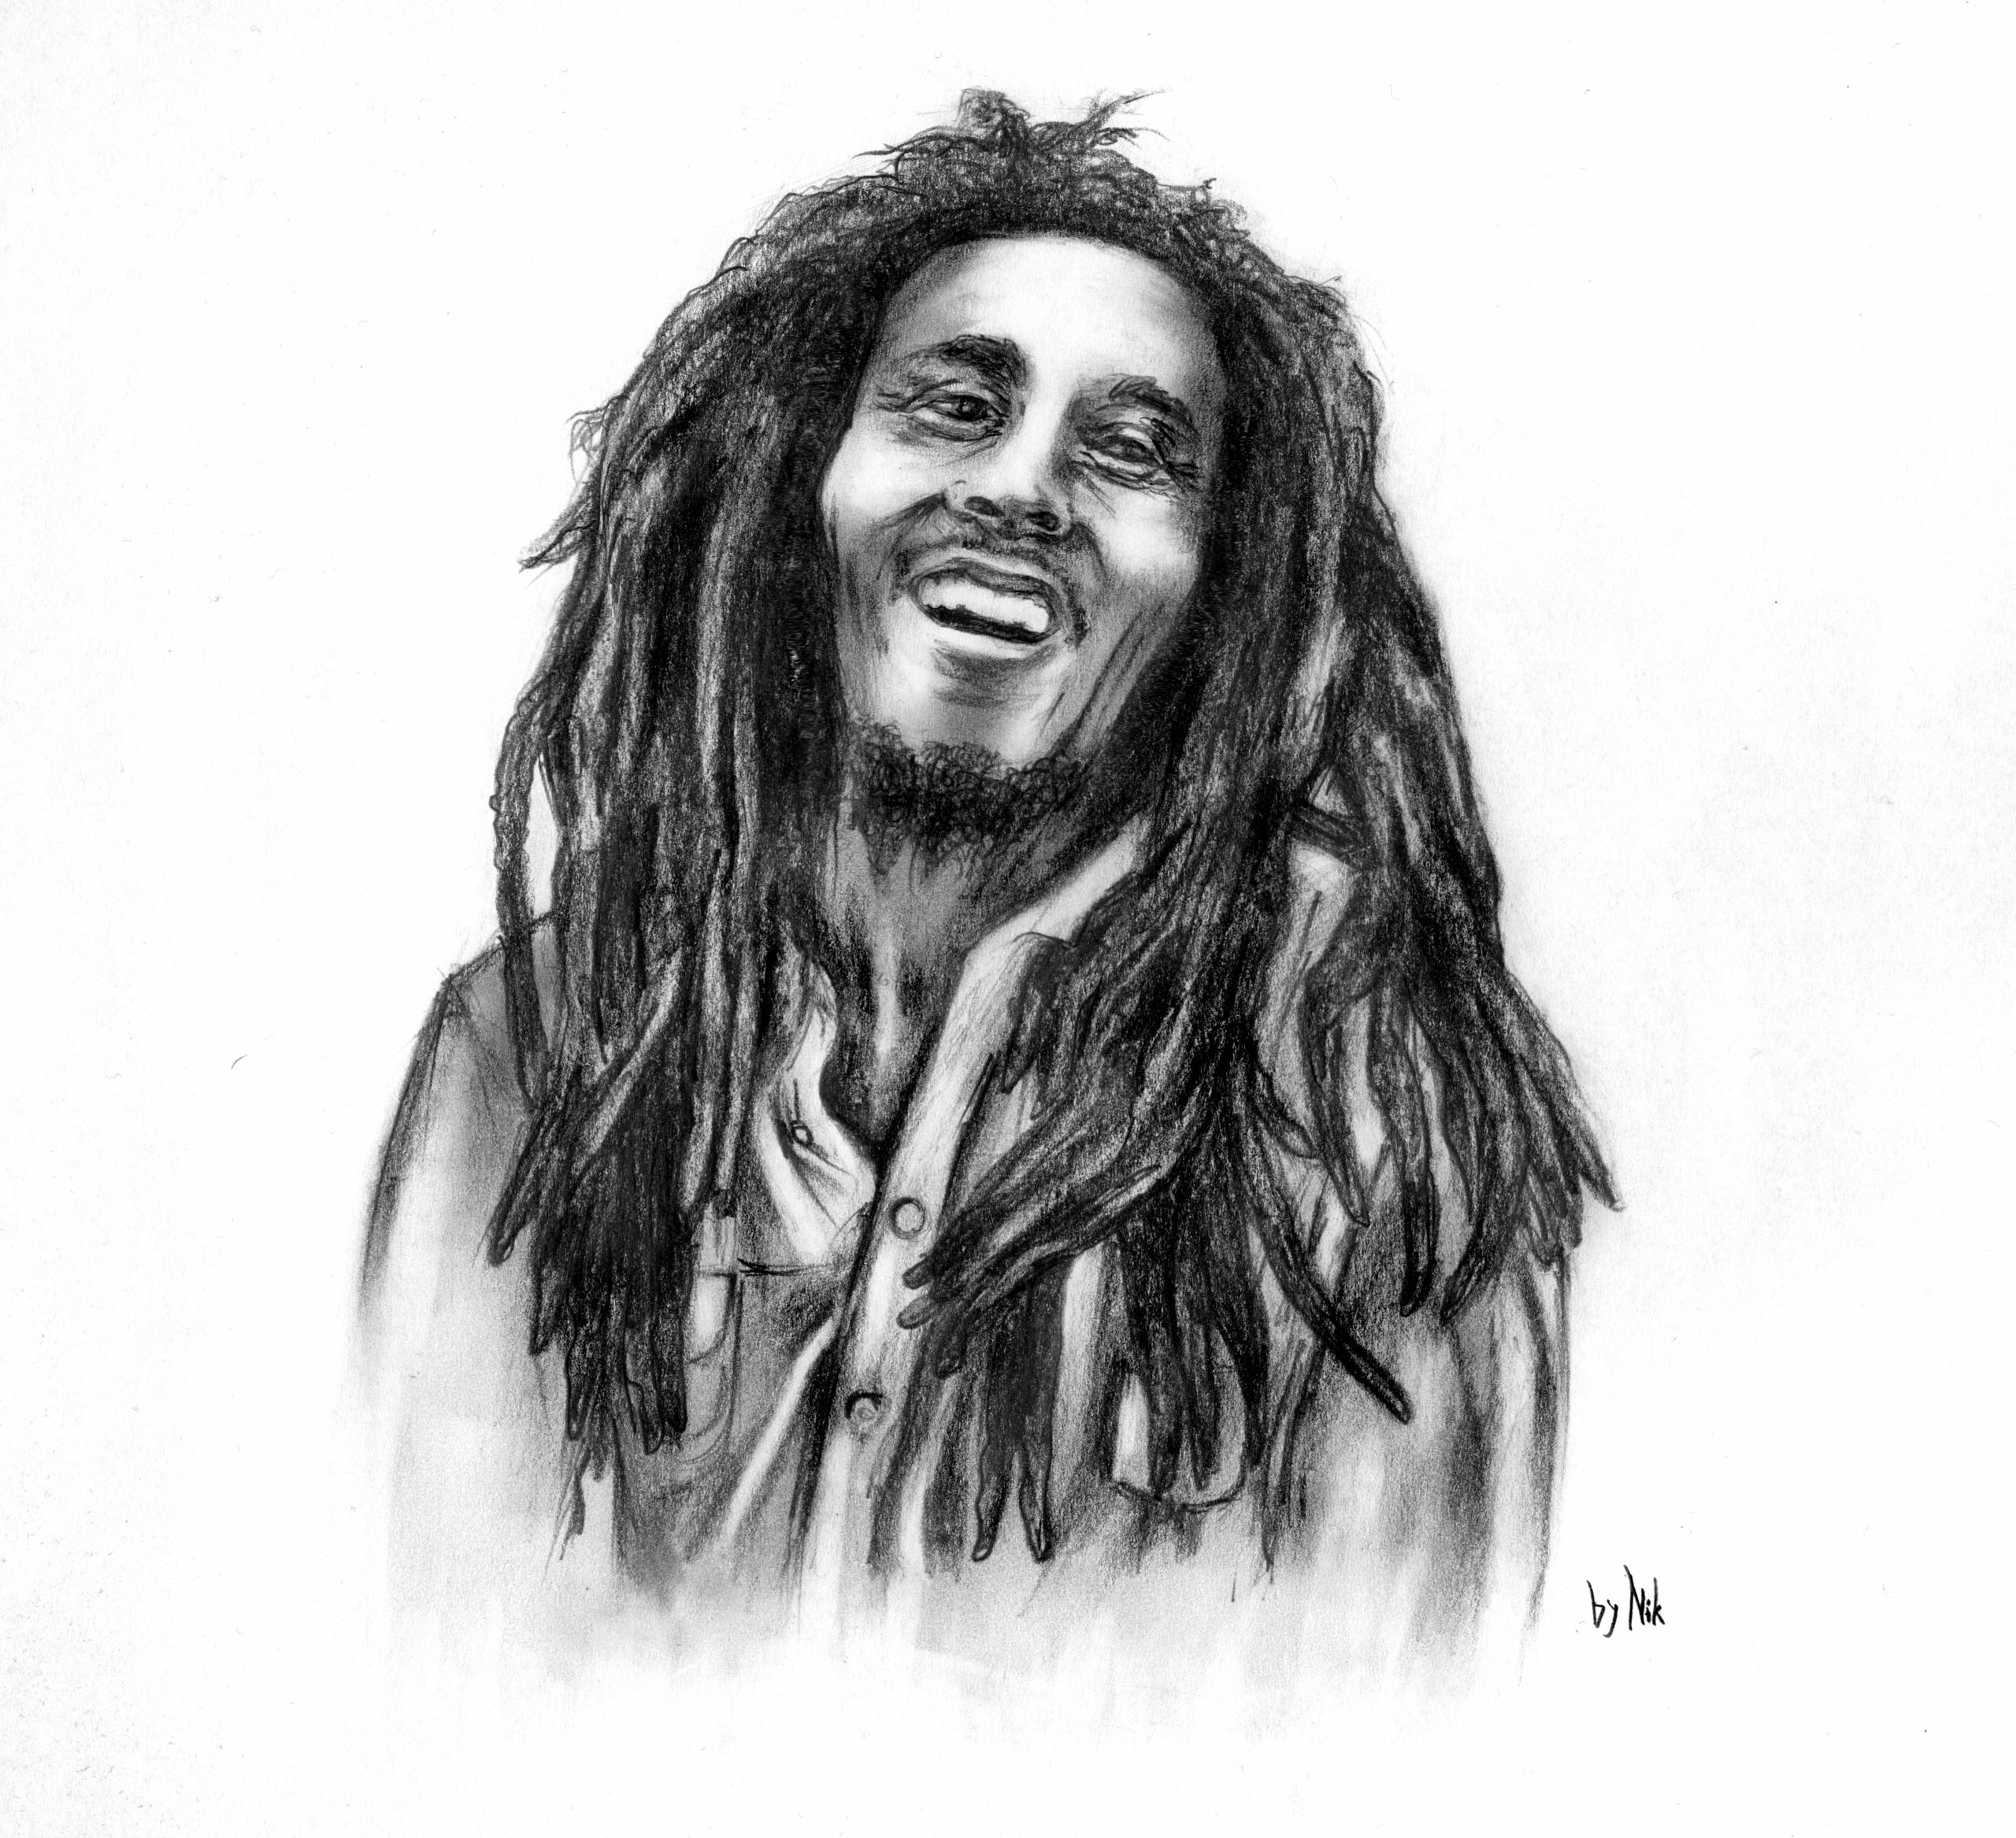 Bob Marley by NikoS92 Bob Marley by NikoS92